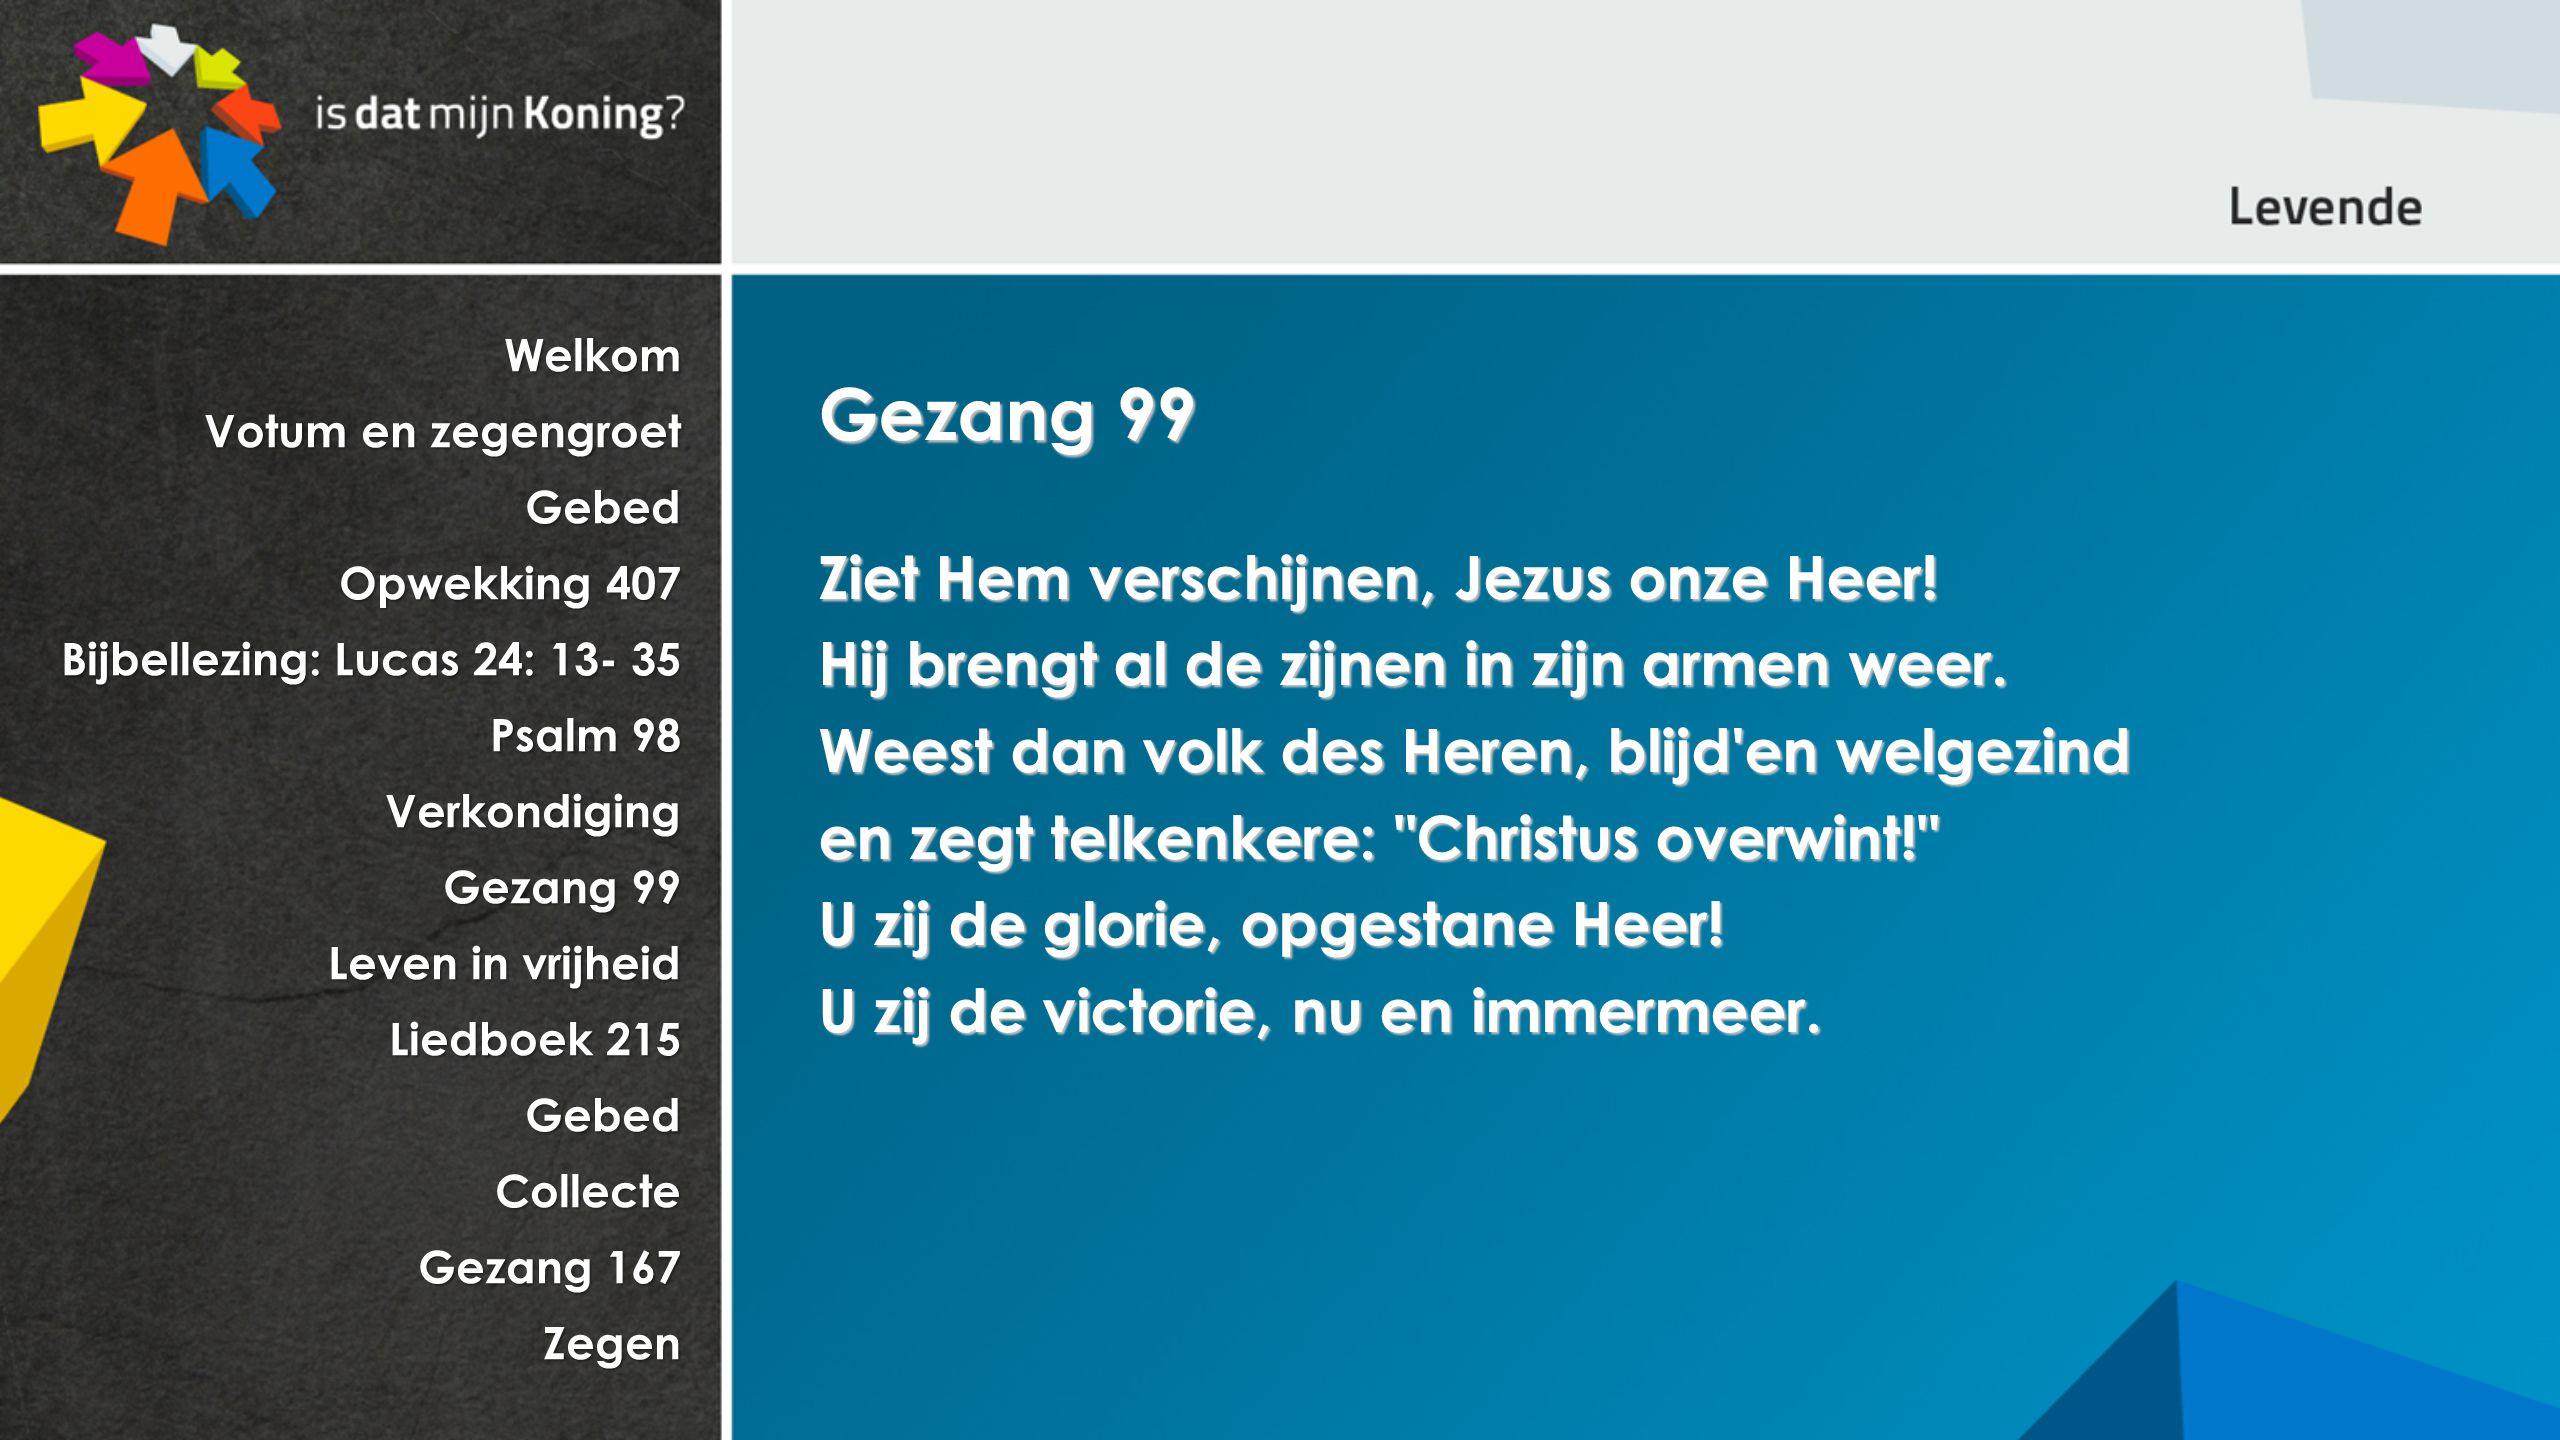 Gezang 99 Ziet Hem verschijnen, Jezus onze Heer!